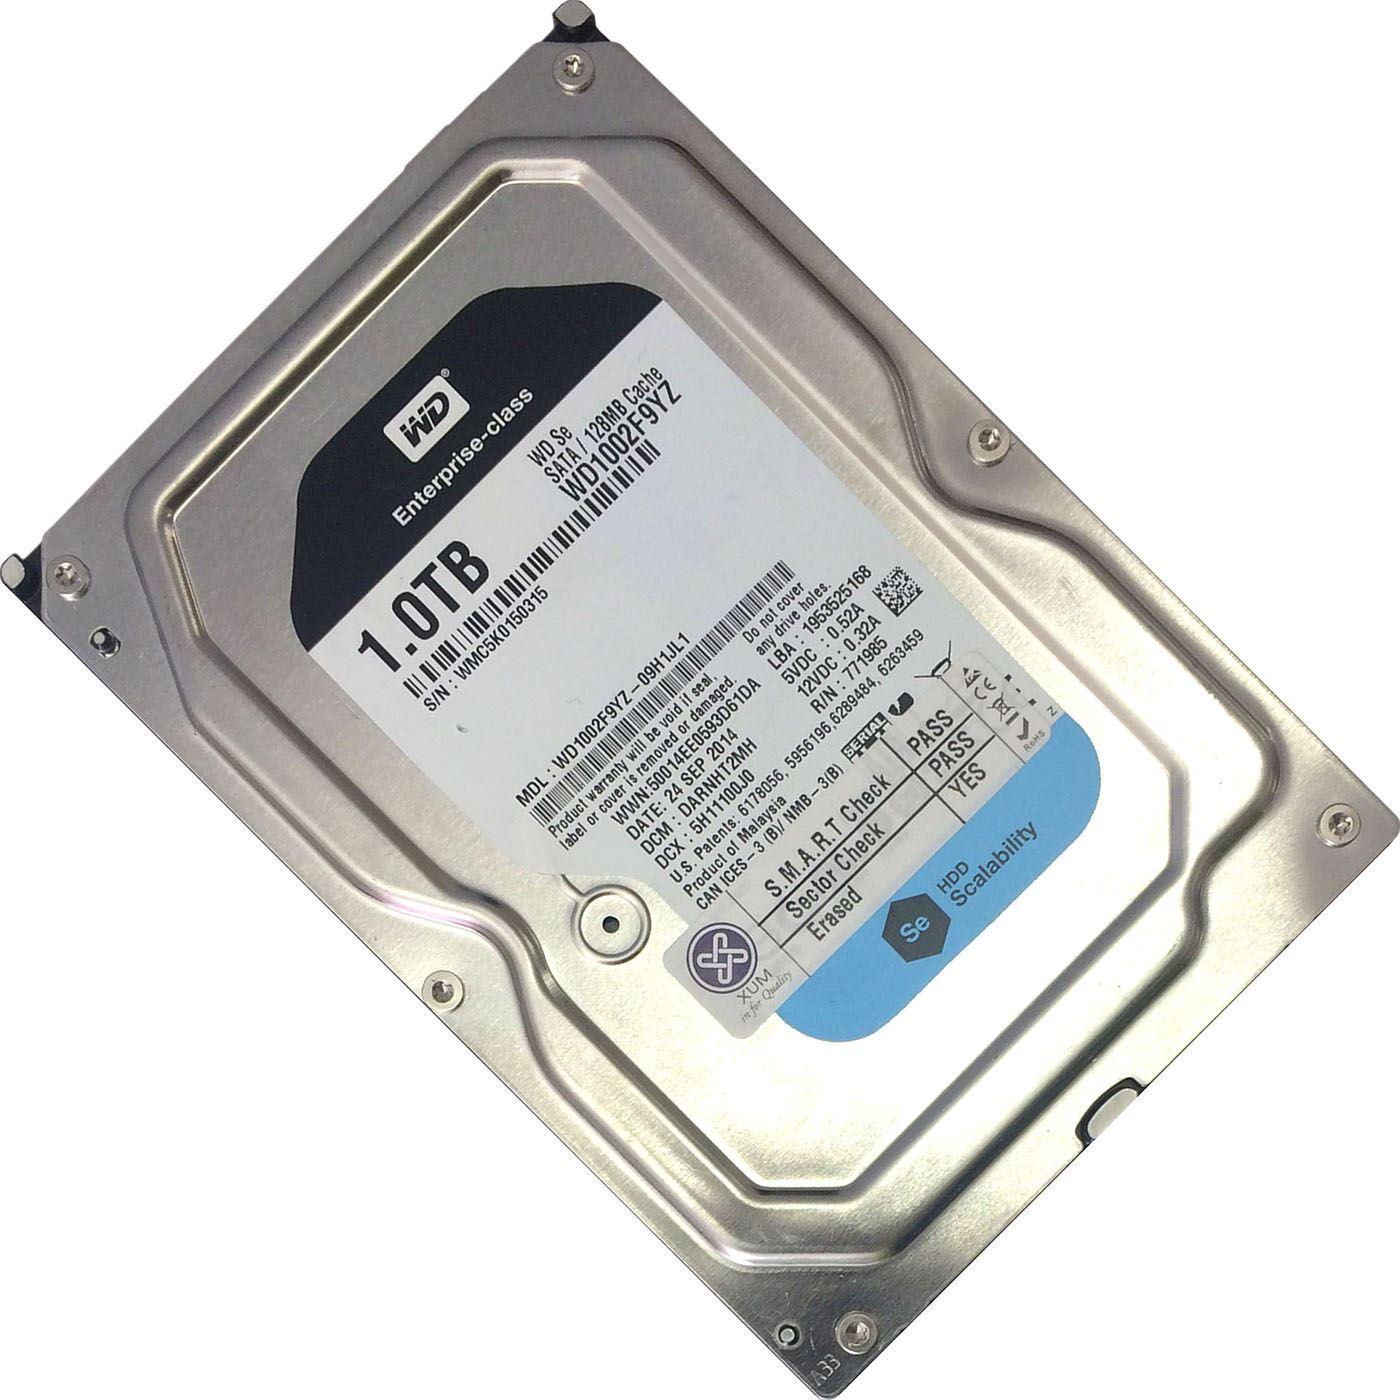 500GB-640GB-750GB-1TB-2TB-3TB-4TB-6TB-8TB-10TB-3-5-034-SATA-Hard-Drive-HDD-LOT thumbnail 12